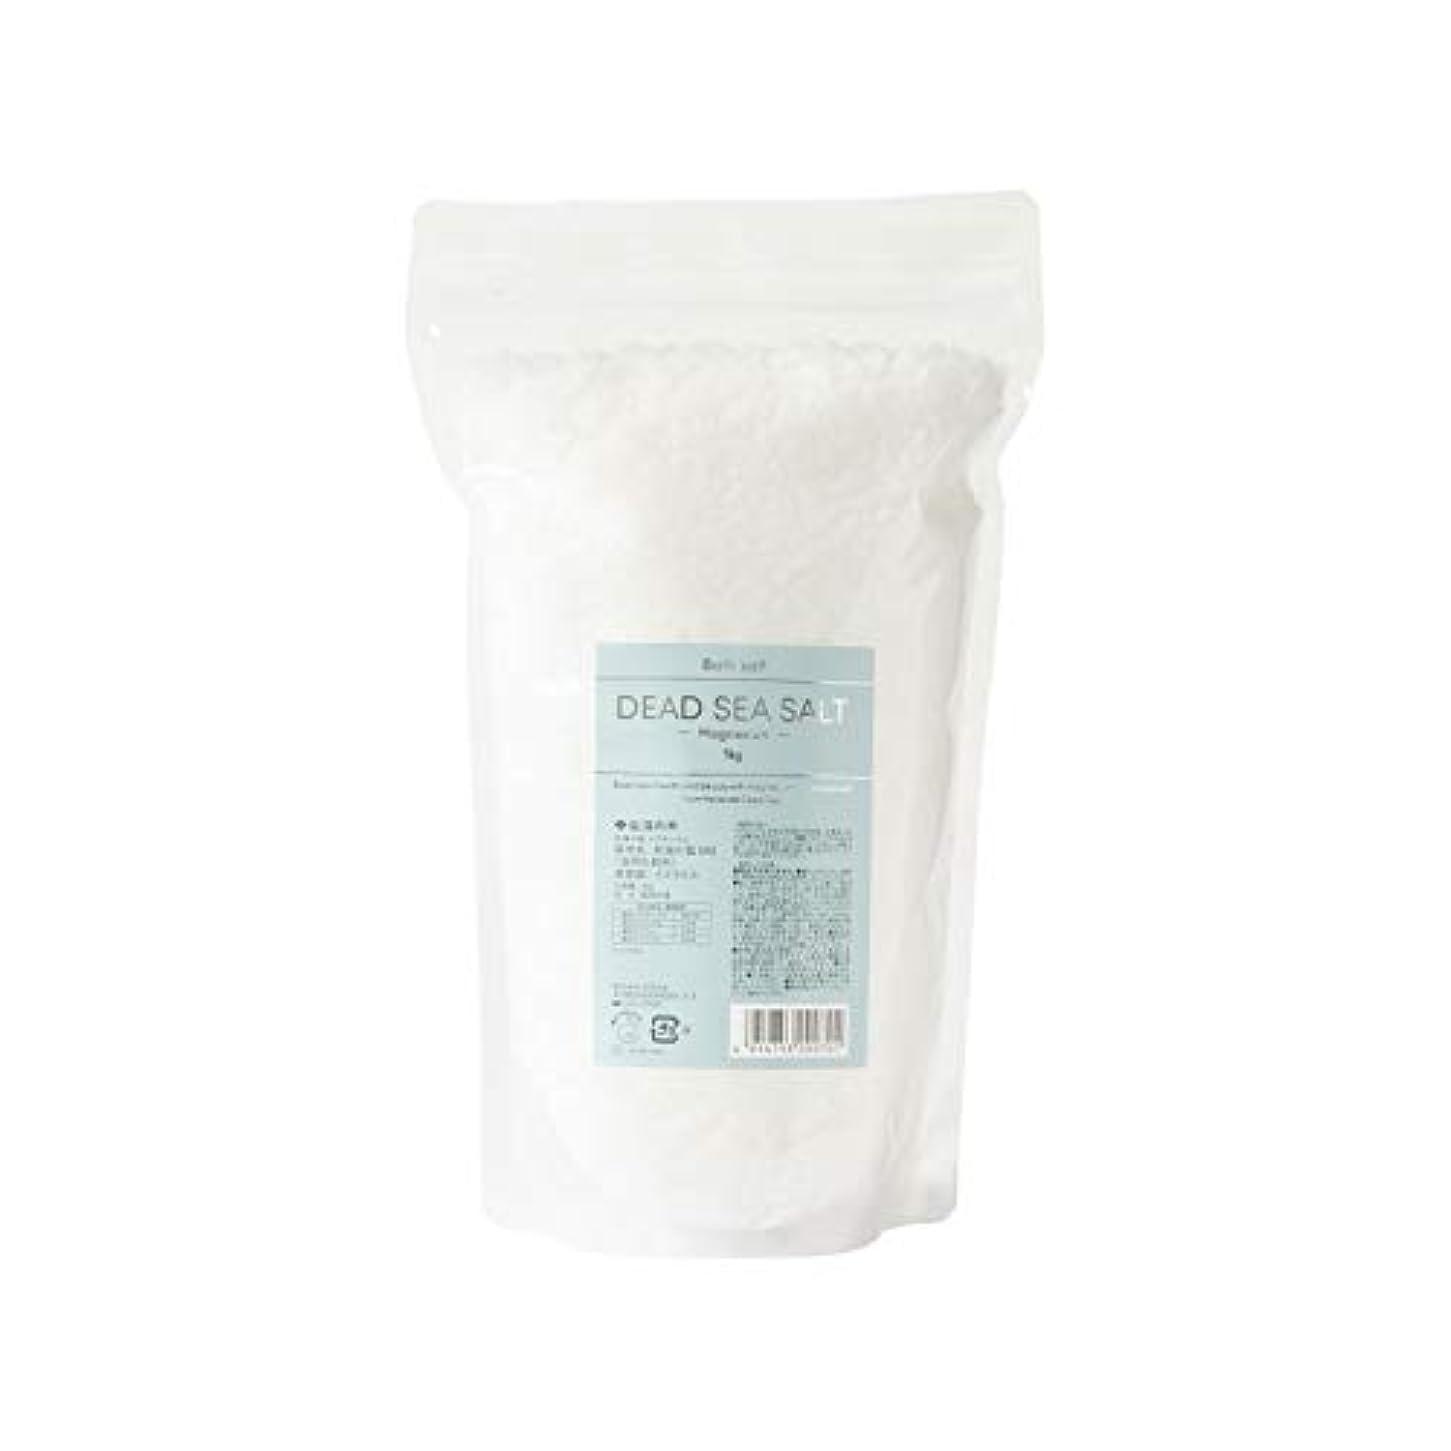 ポップリレー慣習生活の木 死海の塩マグネシウム 1kg